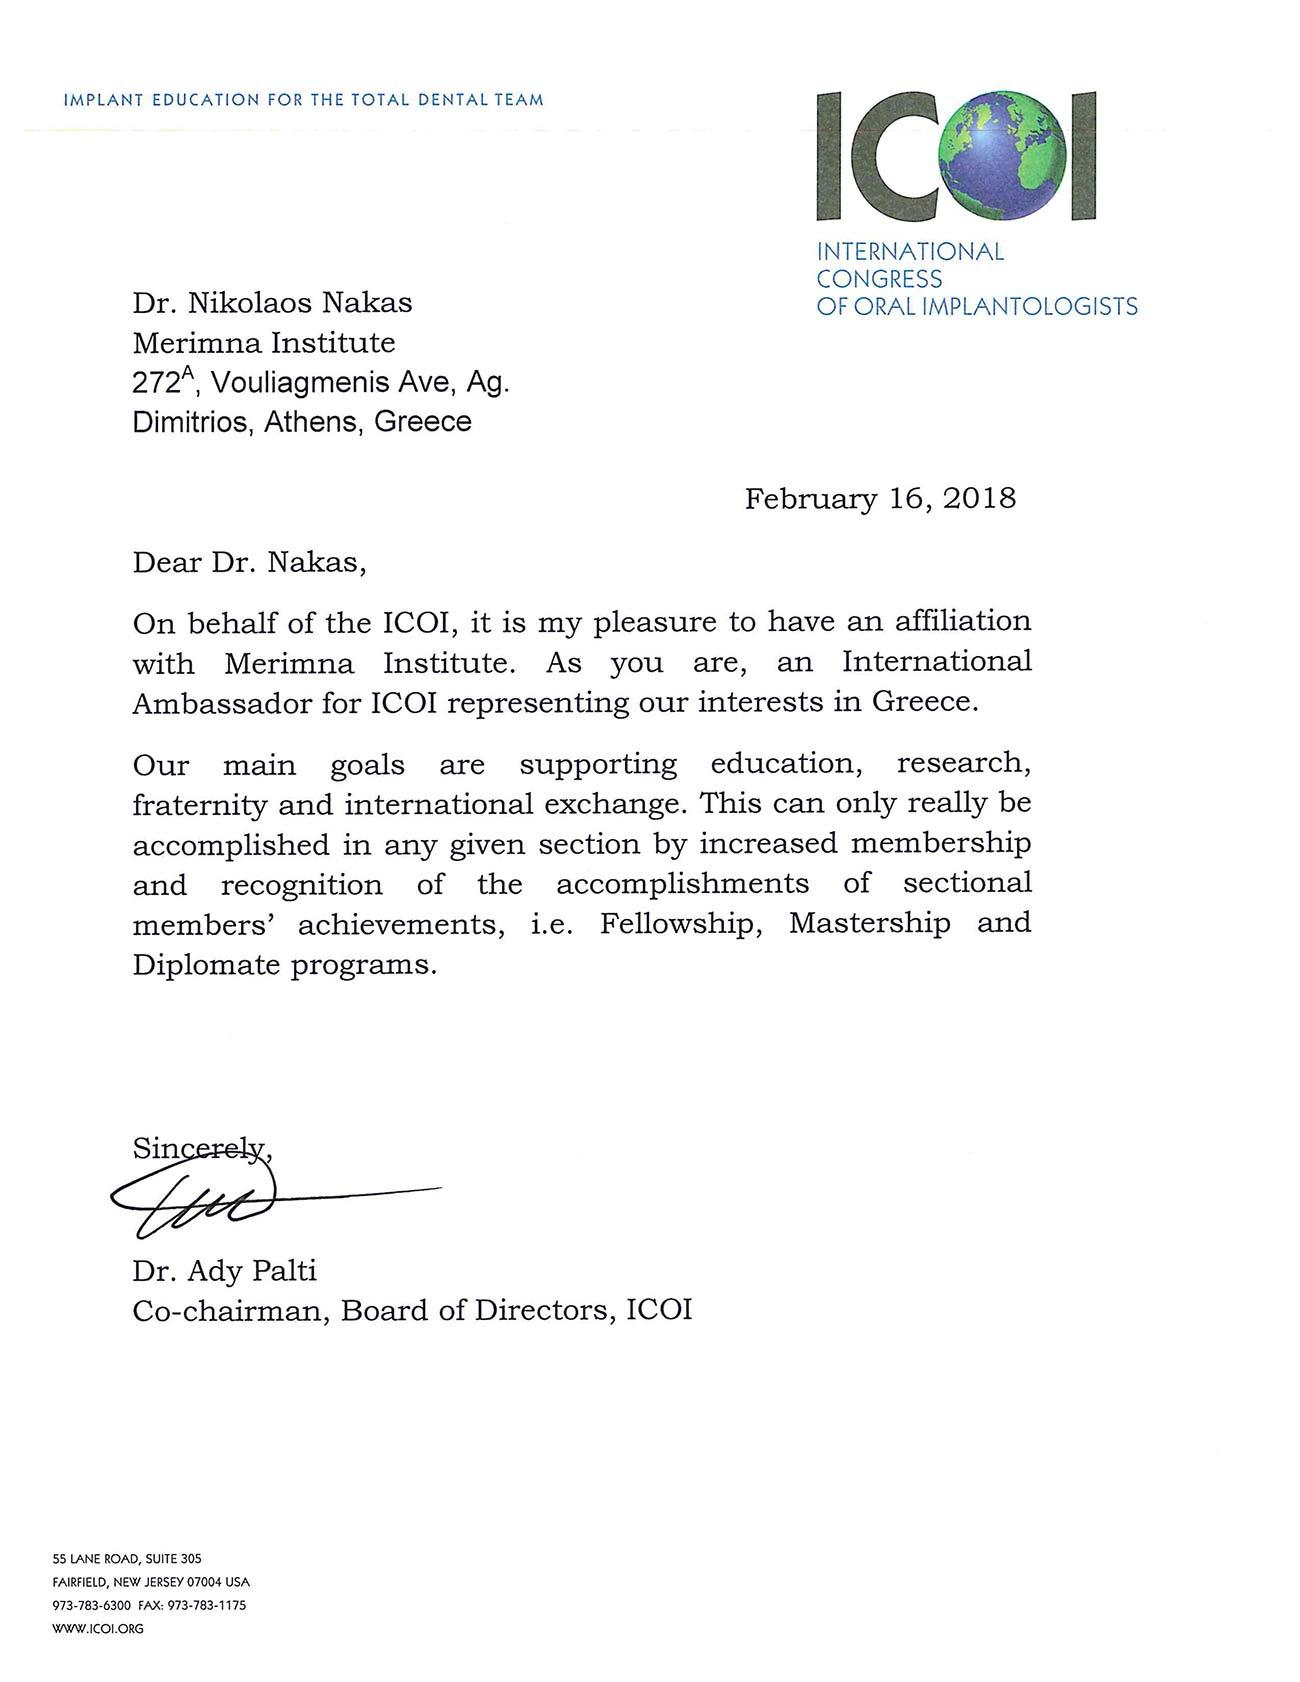 Merimna Institute ICOI affiliation